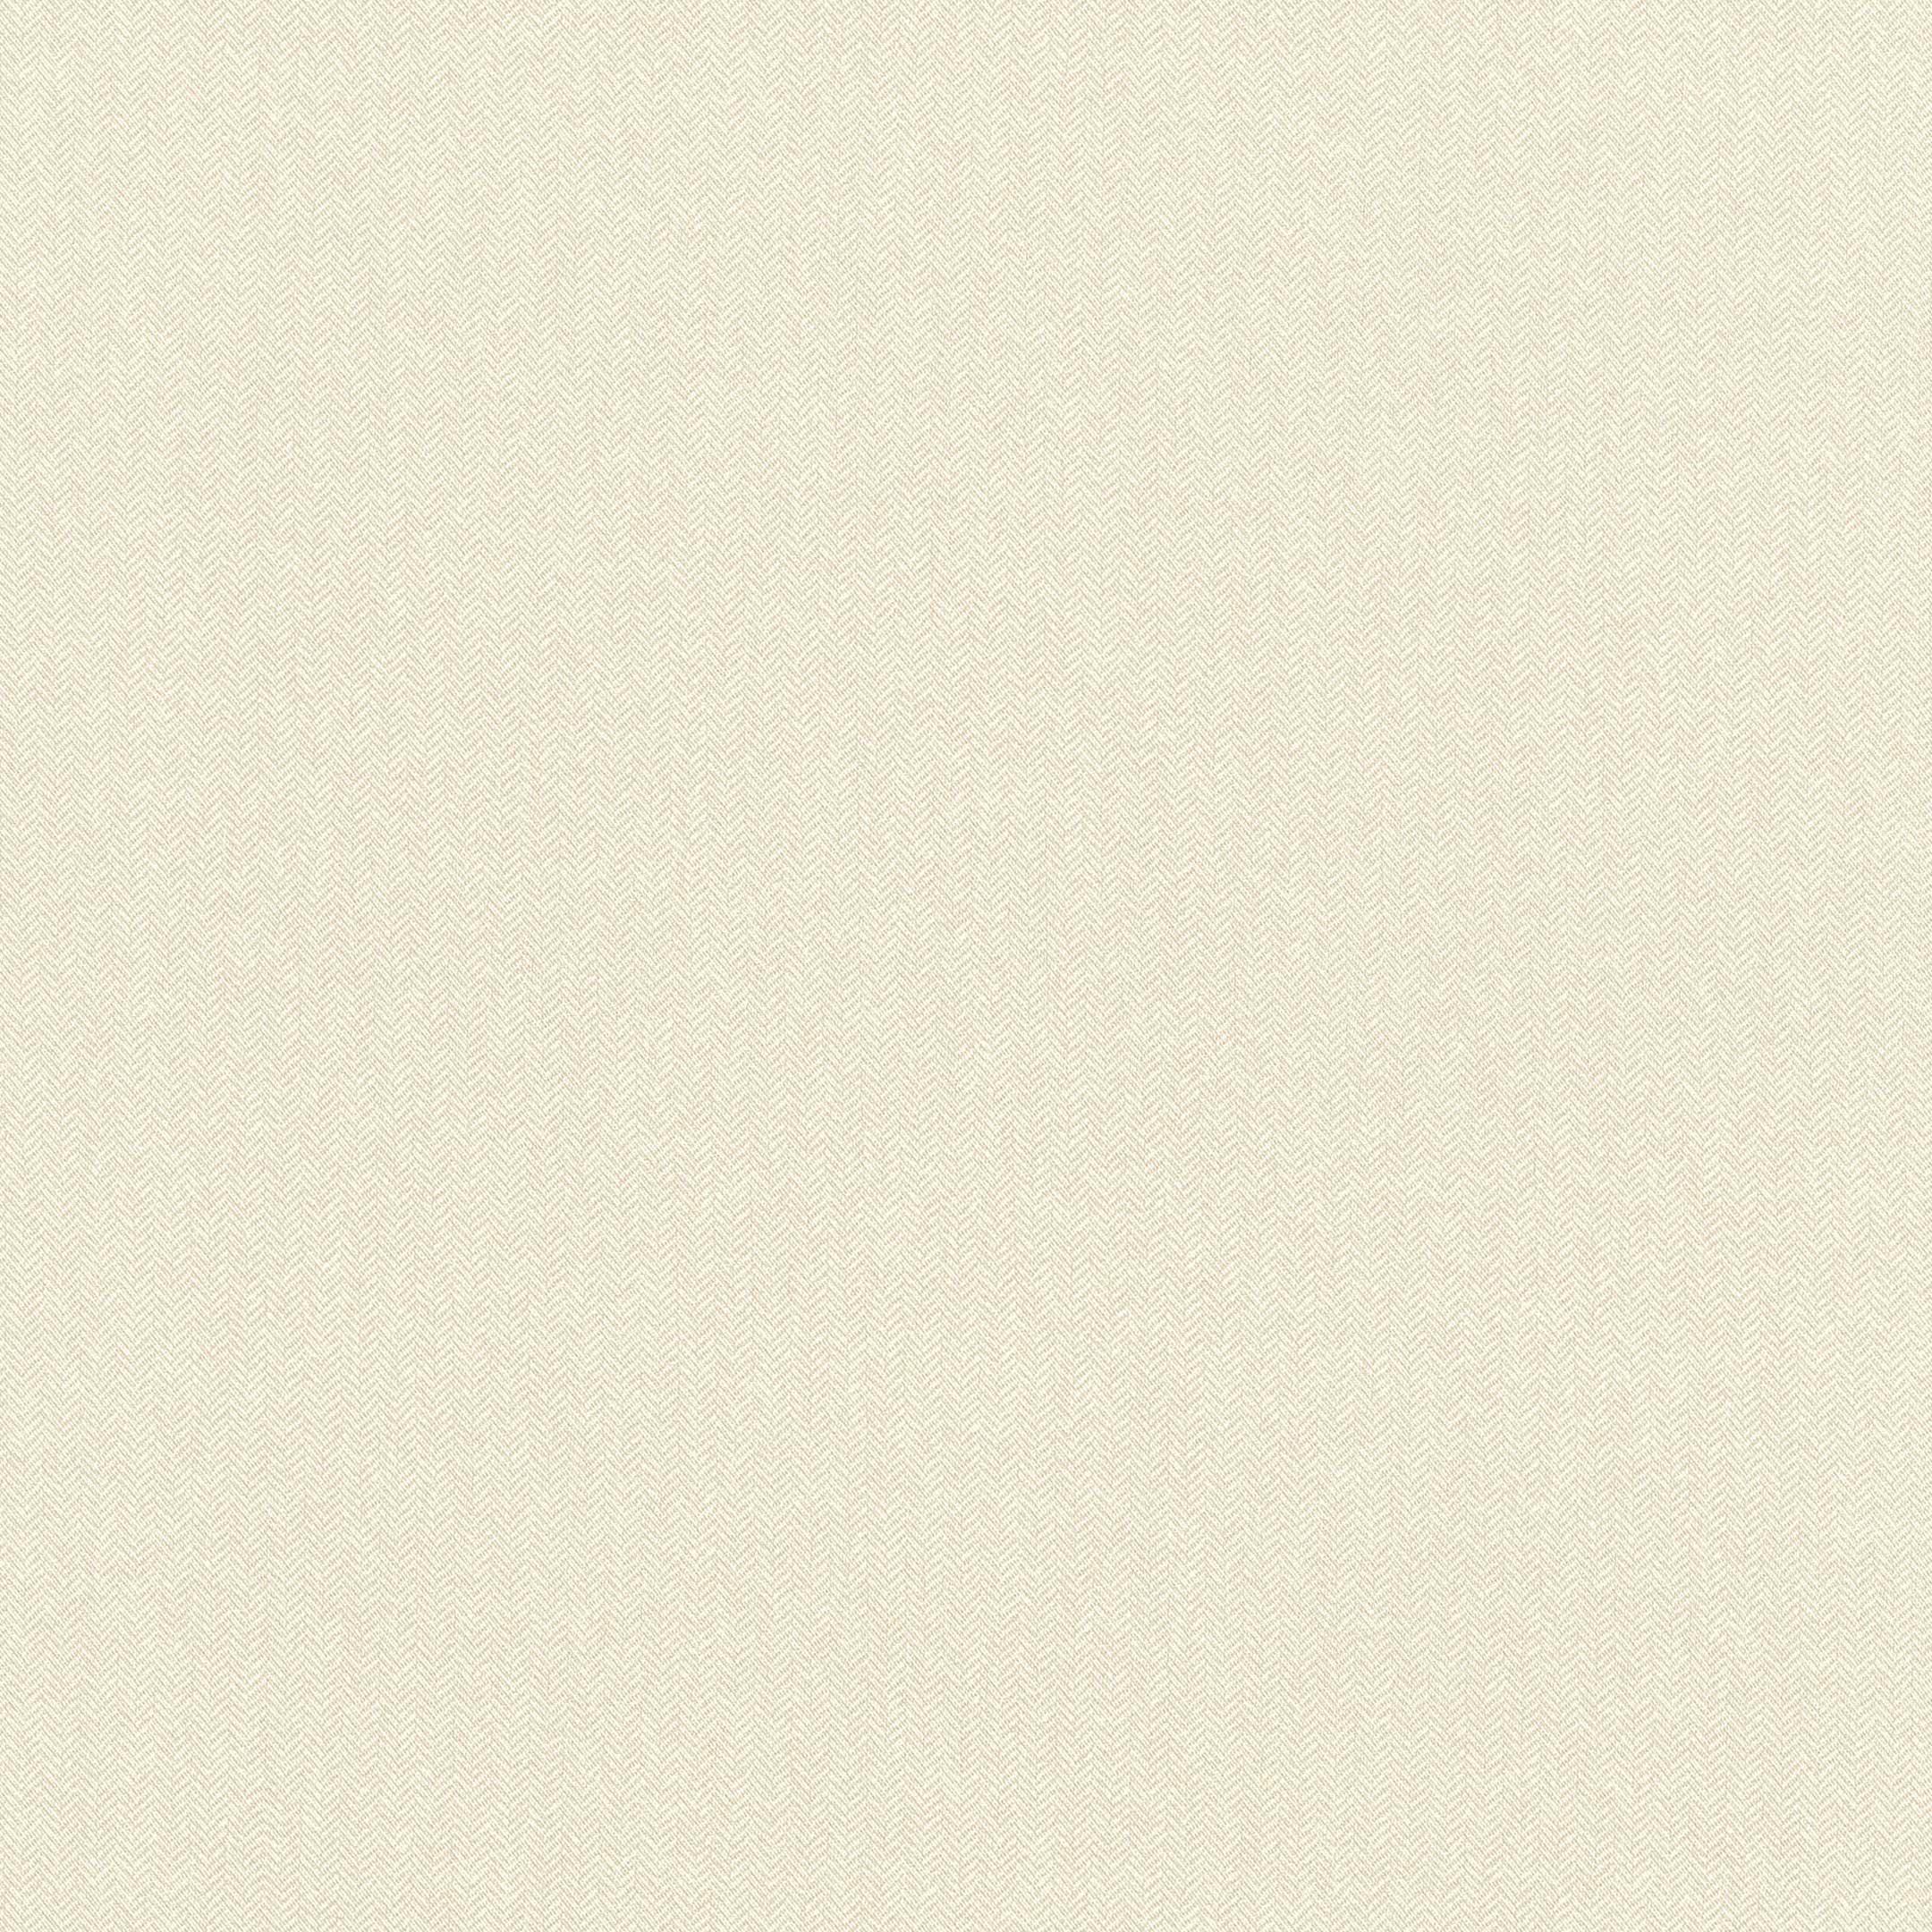 Обои компакт-винил на флизелиновой основе Rasch b.b home passion VI 860214 (0,53х10 м) цена